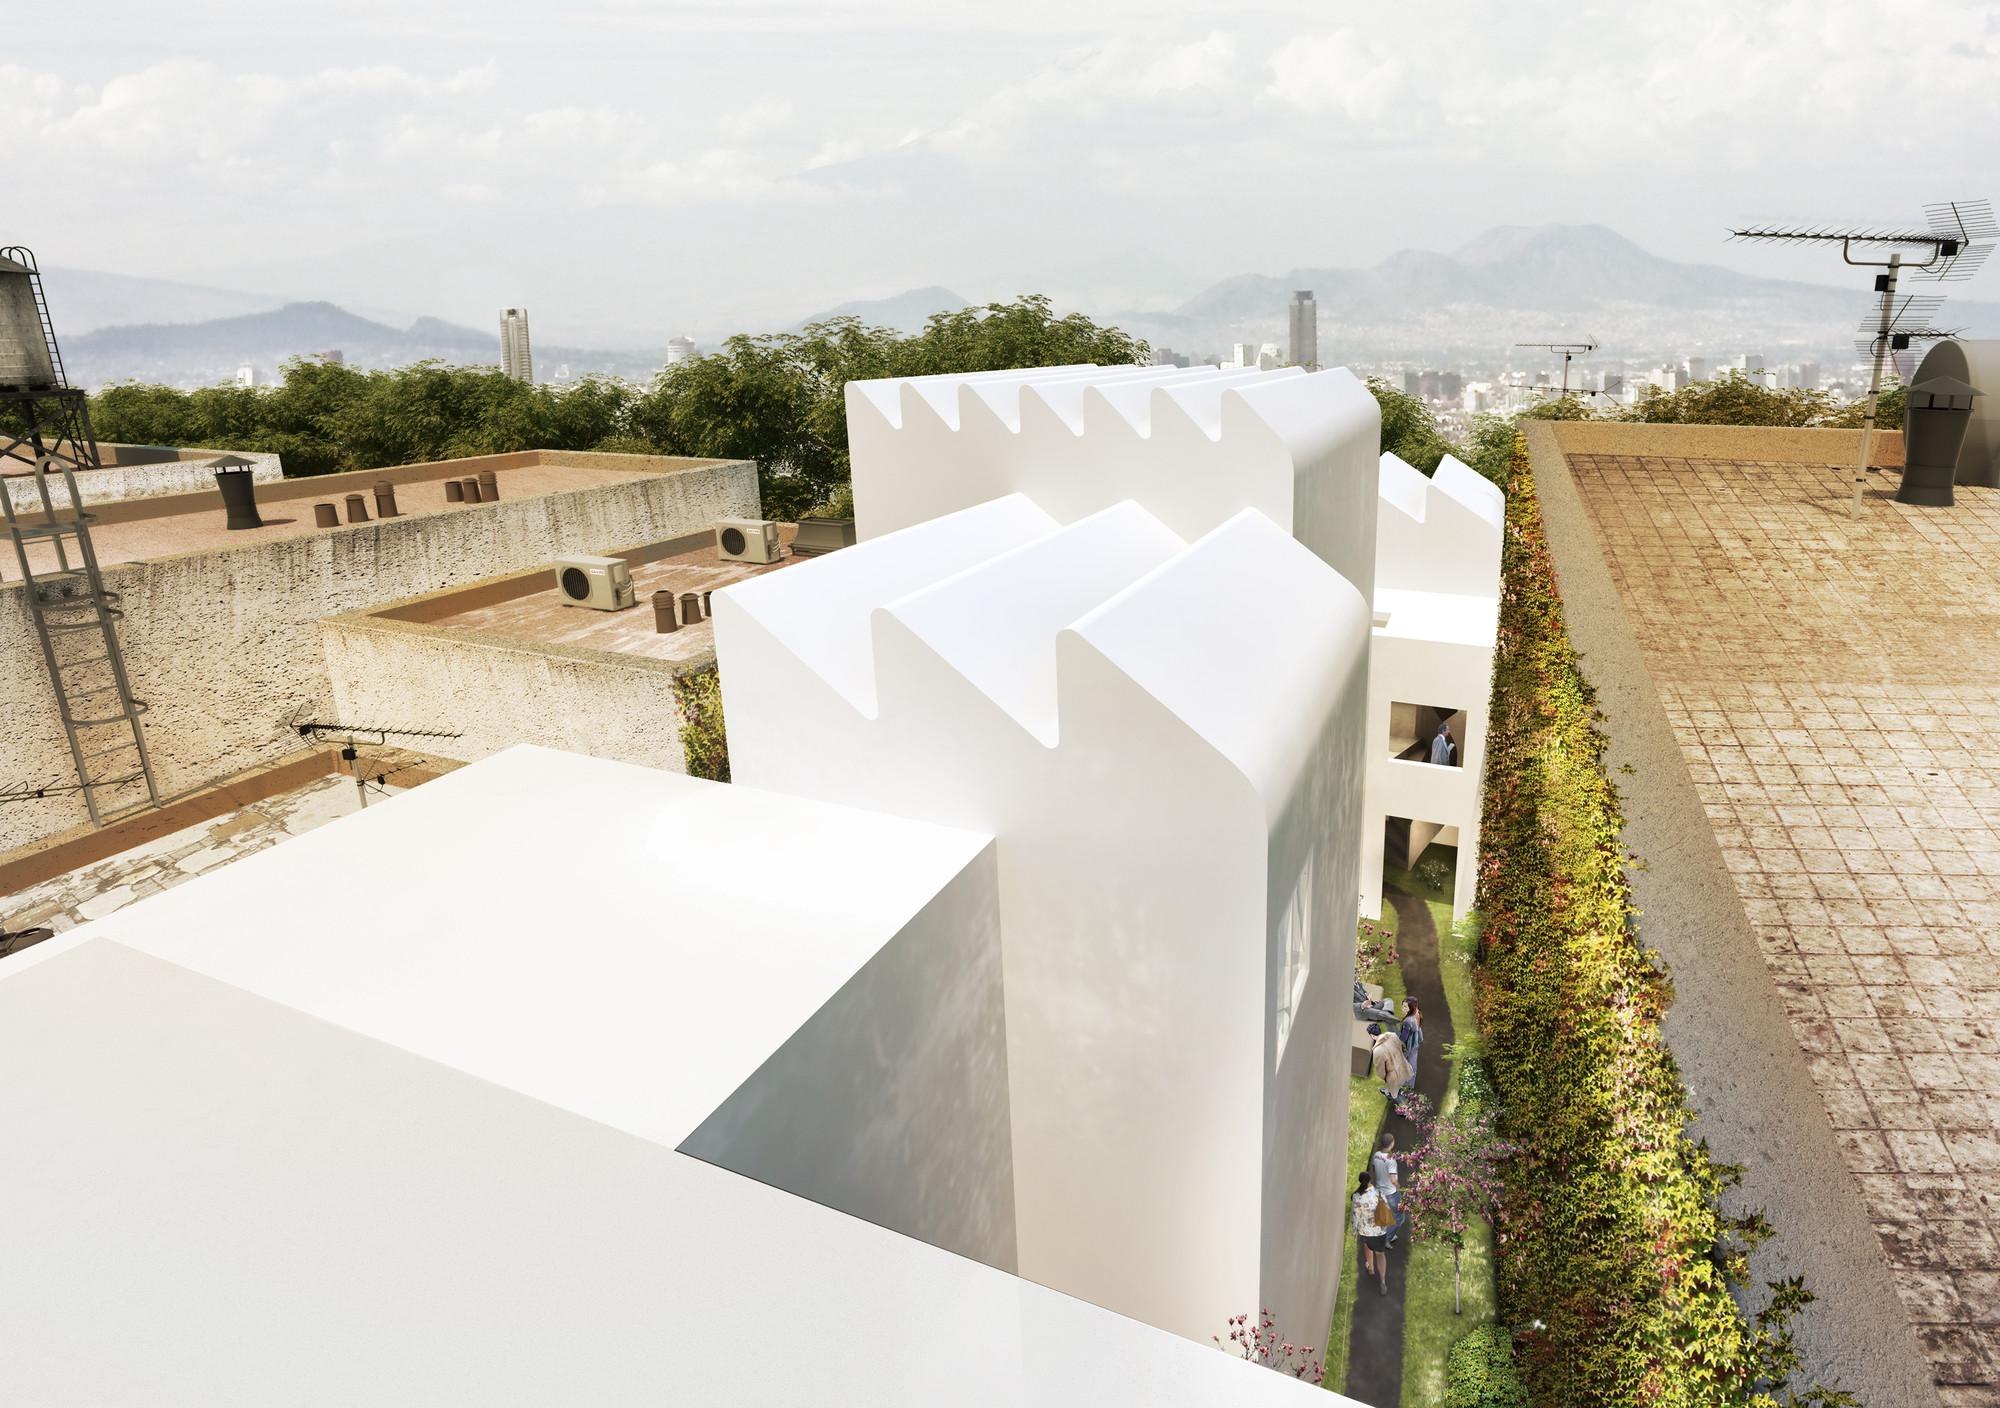 Proyecto para la Galería Patricia Conde de Zeller & Moye, Vista desde el techo. Image Courtesy of Zeller & Moye